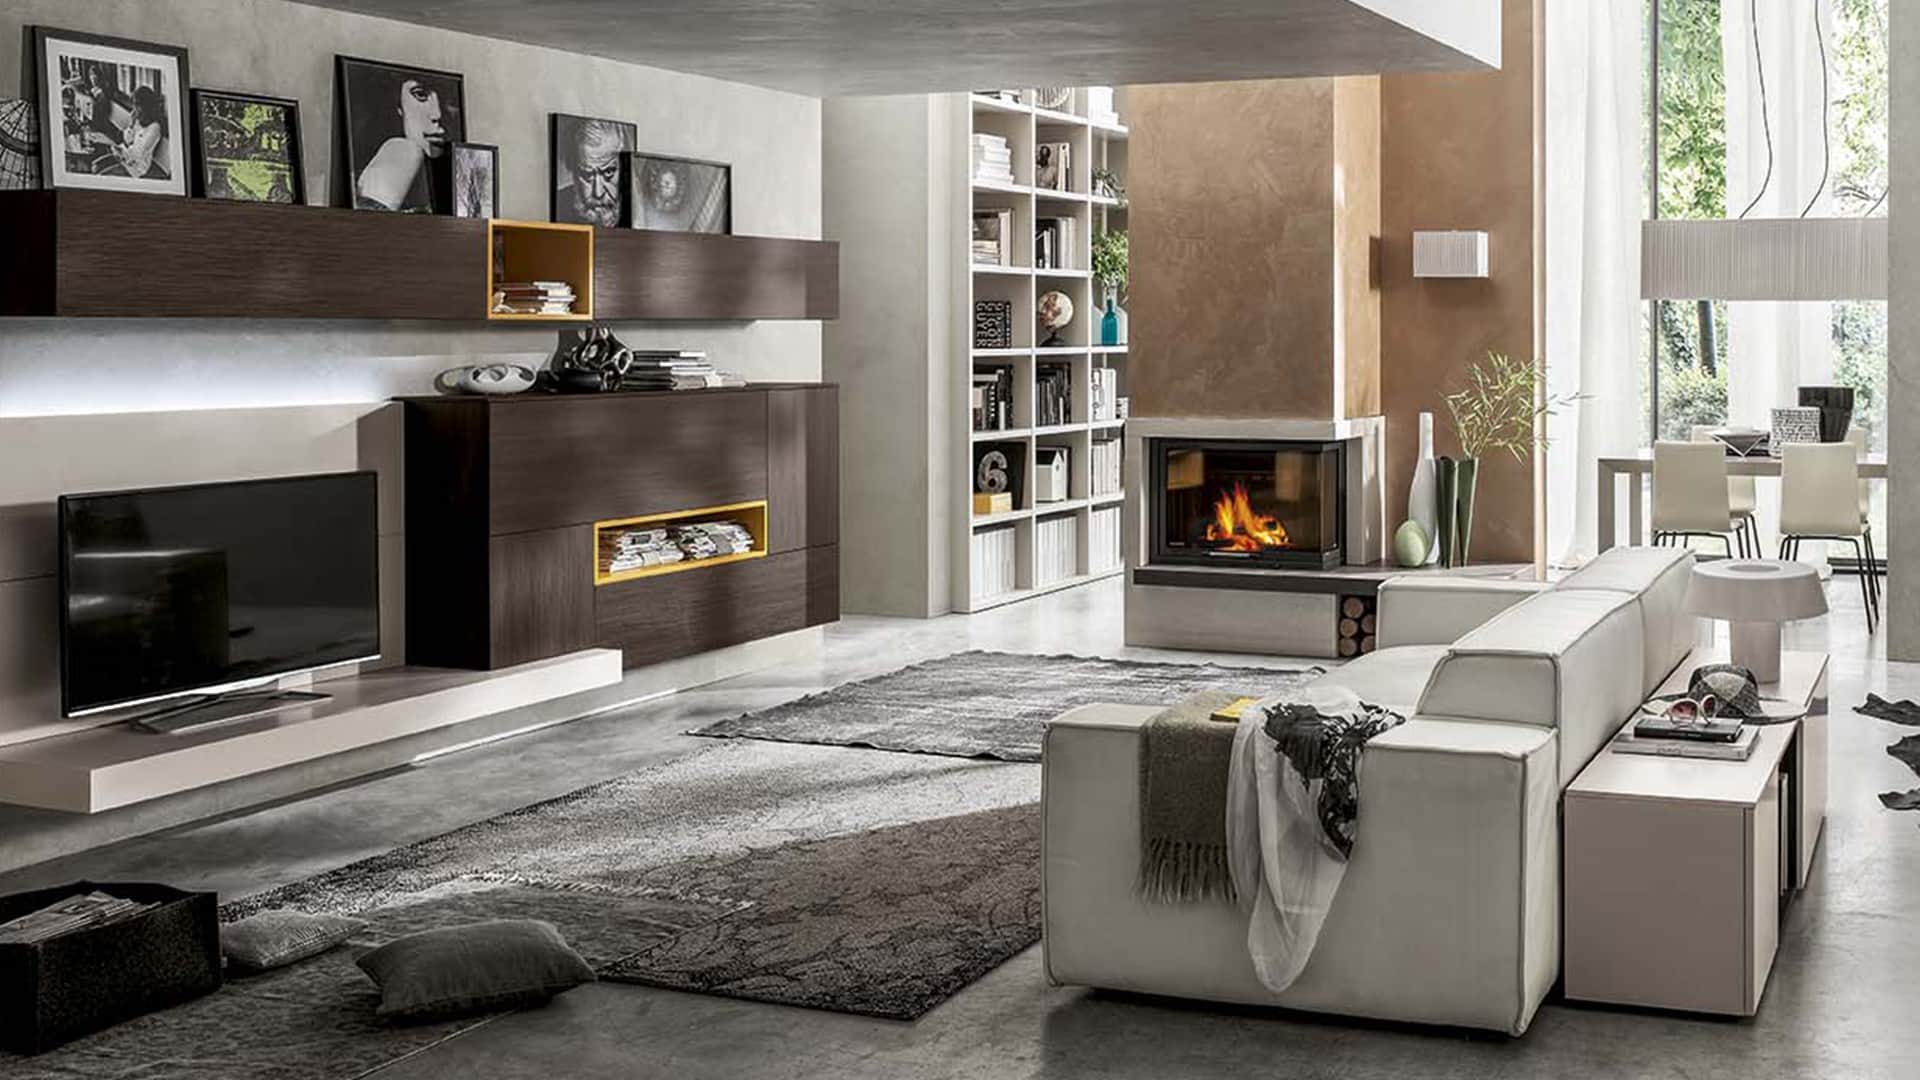 Vendita di mobili per soggiorno a padova mobili da for Foto soggiorni moderni